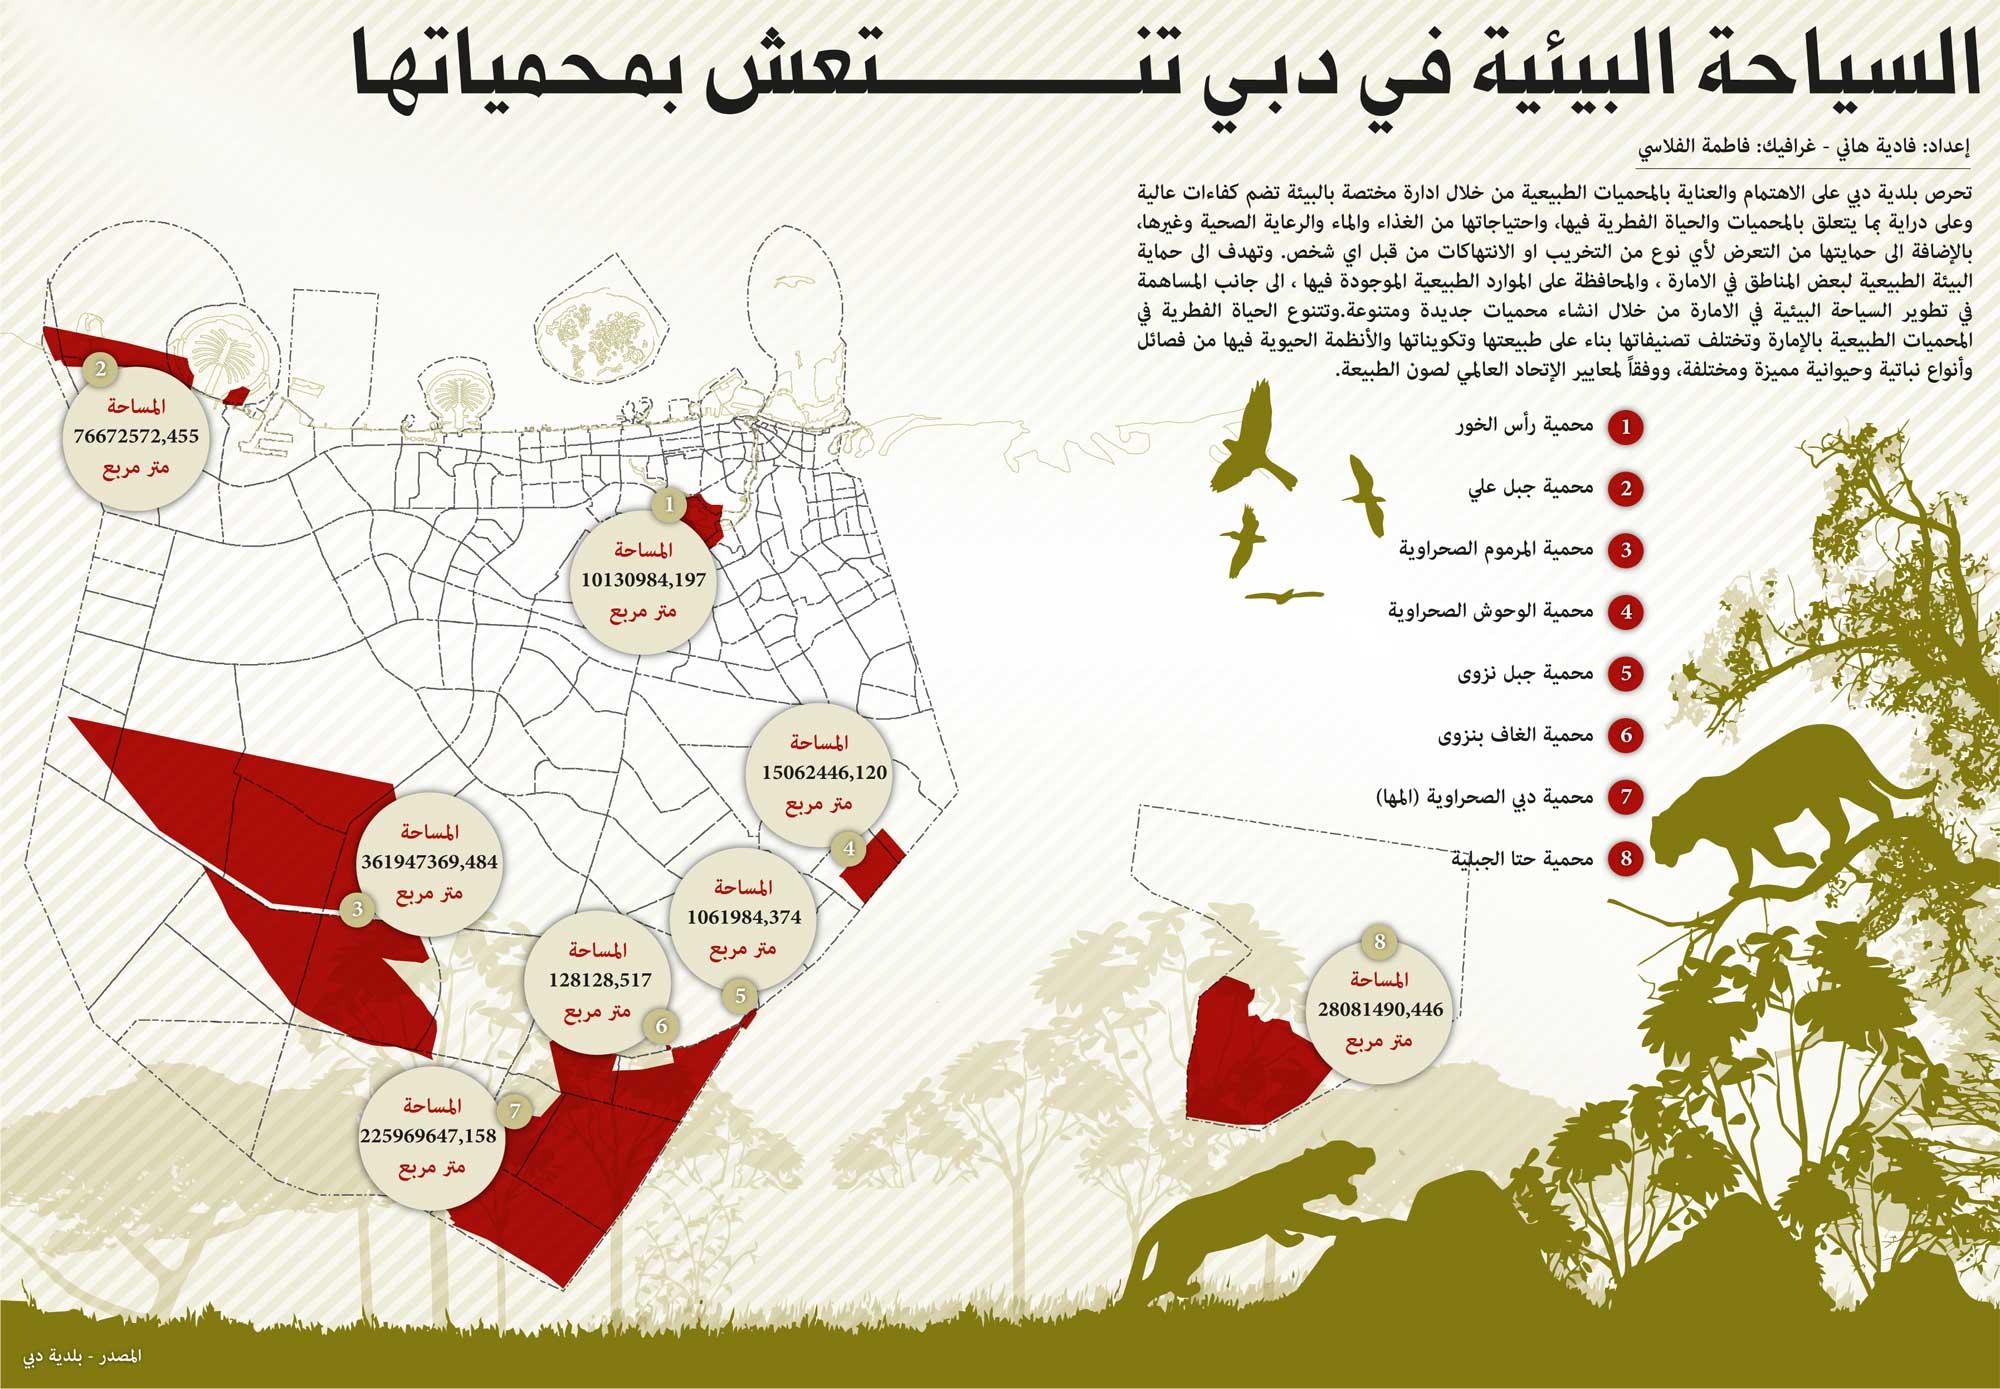 الحظائر الطبيعية الوطنية الـ10 في الجزائر